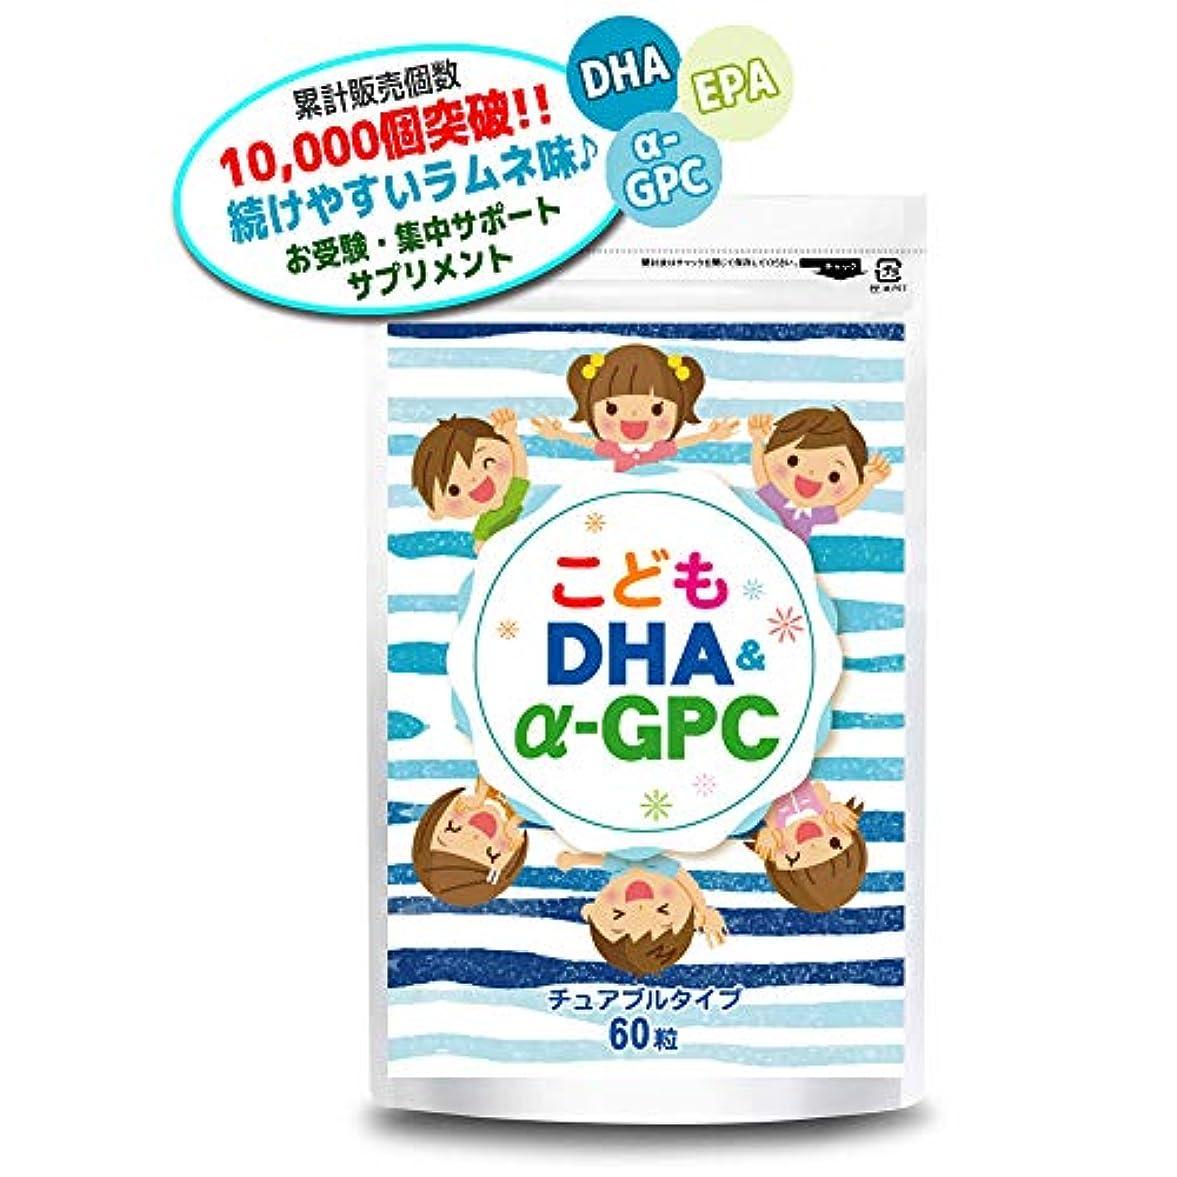 権利を与える推進力意味こども DHA&α-GPC DHA EPA α-GPC ホスファチジルセリン 配合 【集中?学習特化型サプリメント】 60粒約30日分